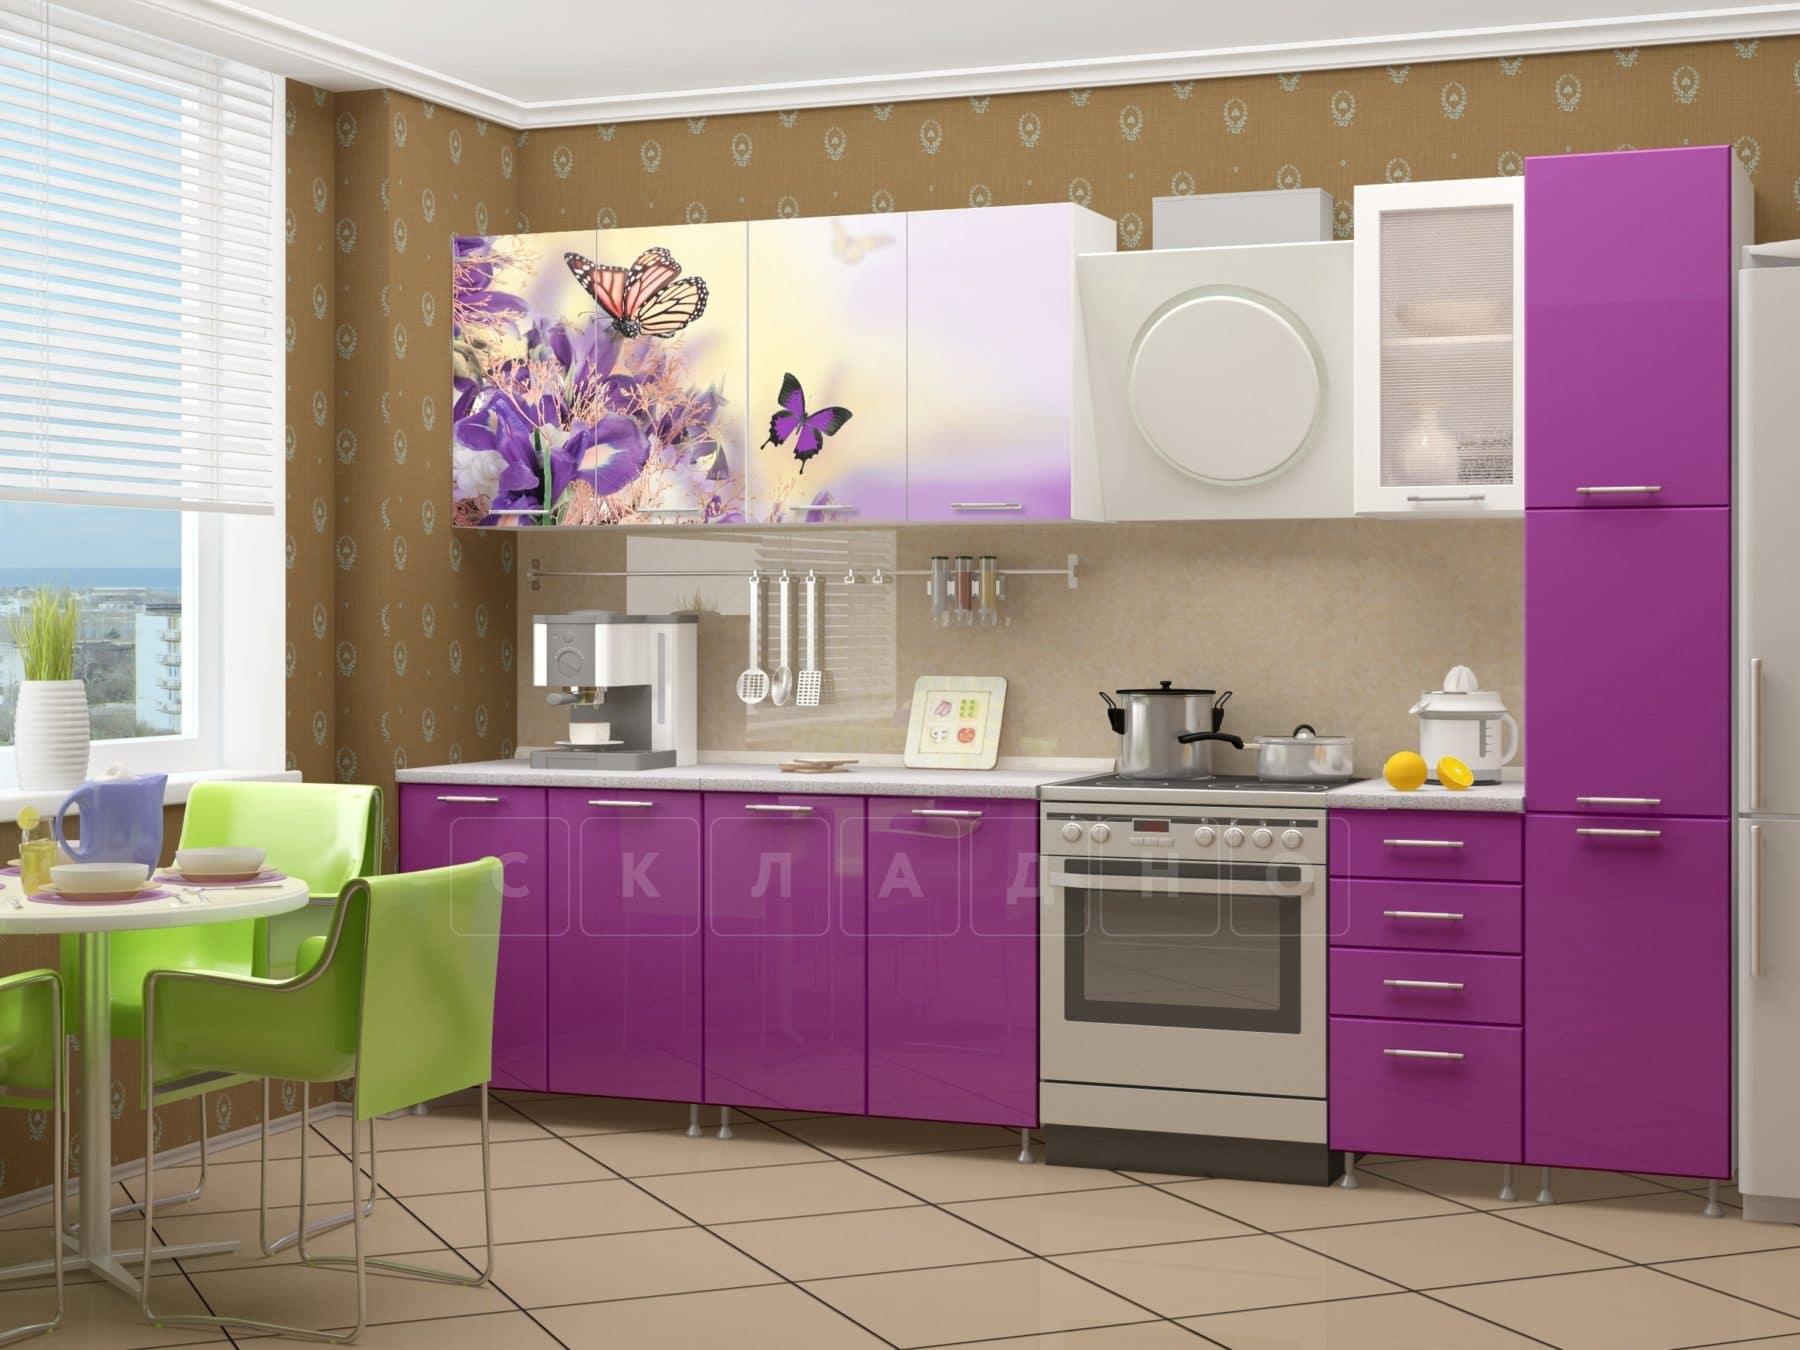 комната охранников кухонные гарнитуры с фотопечатью г пенза миф интерьер можно только